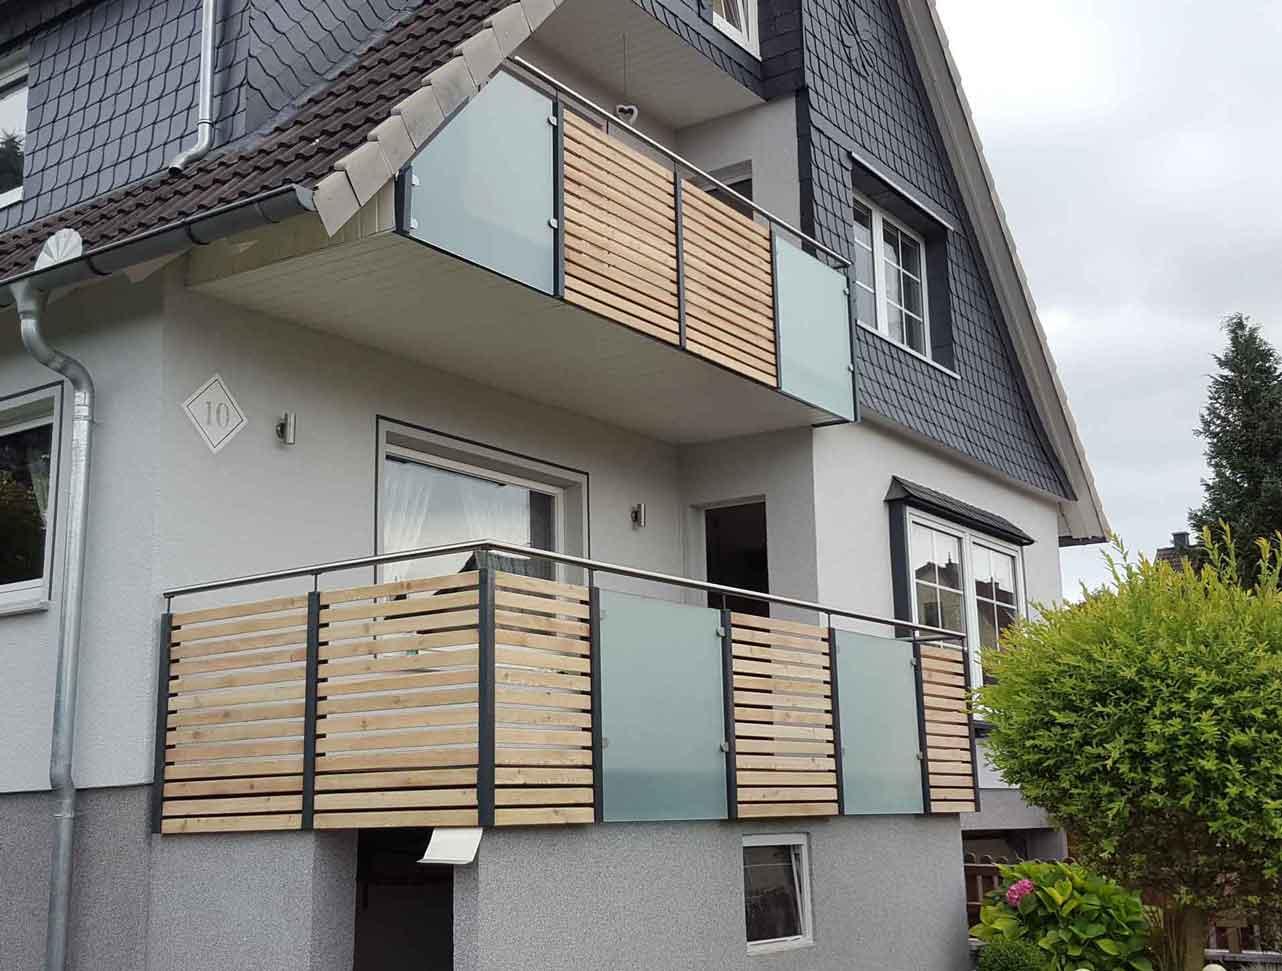 Hirsch Metallbau Balkongeländer 030 - Balkongeländer-30